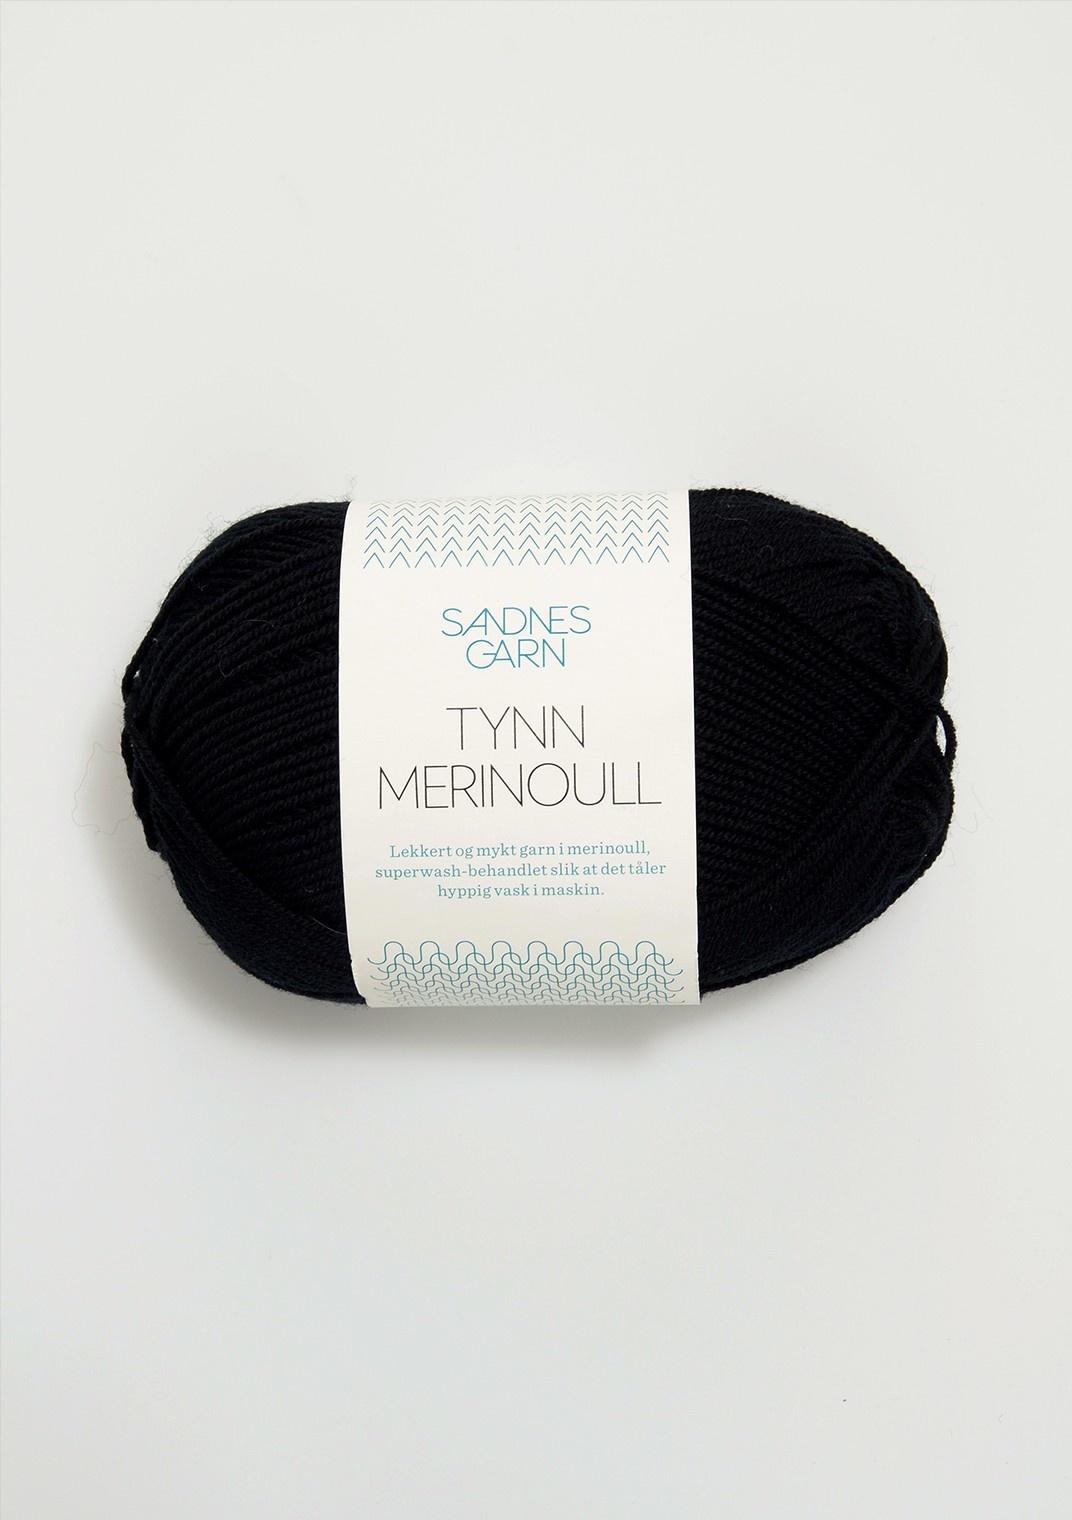 Sandnes Tynn Merino Ull - 1099 - Sort